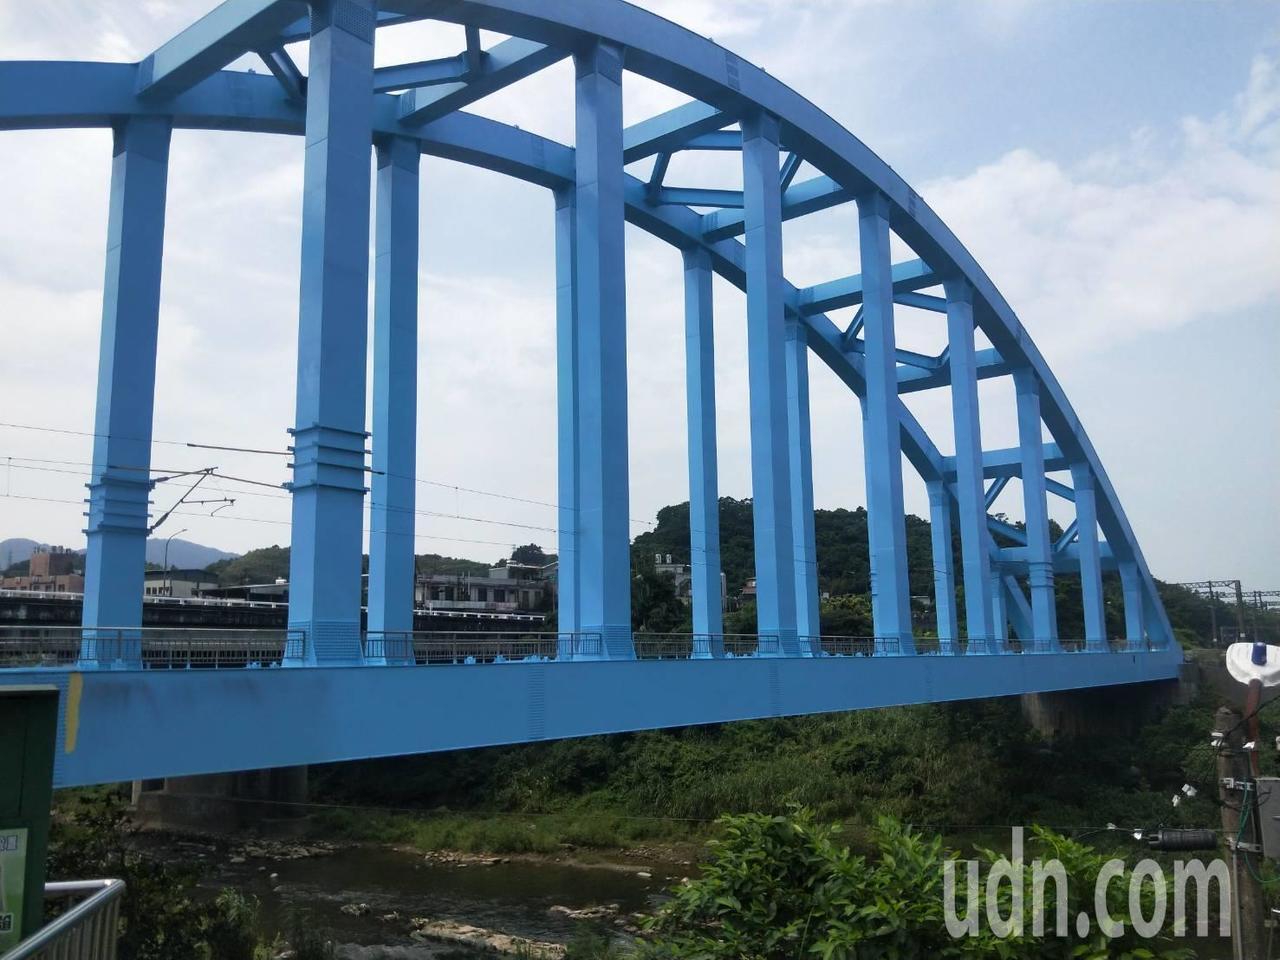 基隆八堵鐵橋火車呼嘯過煥然一新,重現天空藍美麗地標。記者游明煌/攝影